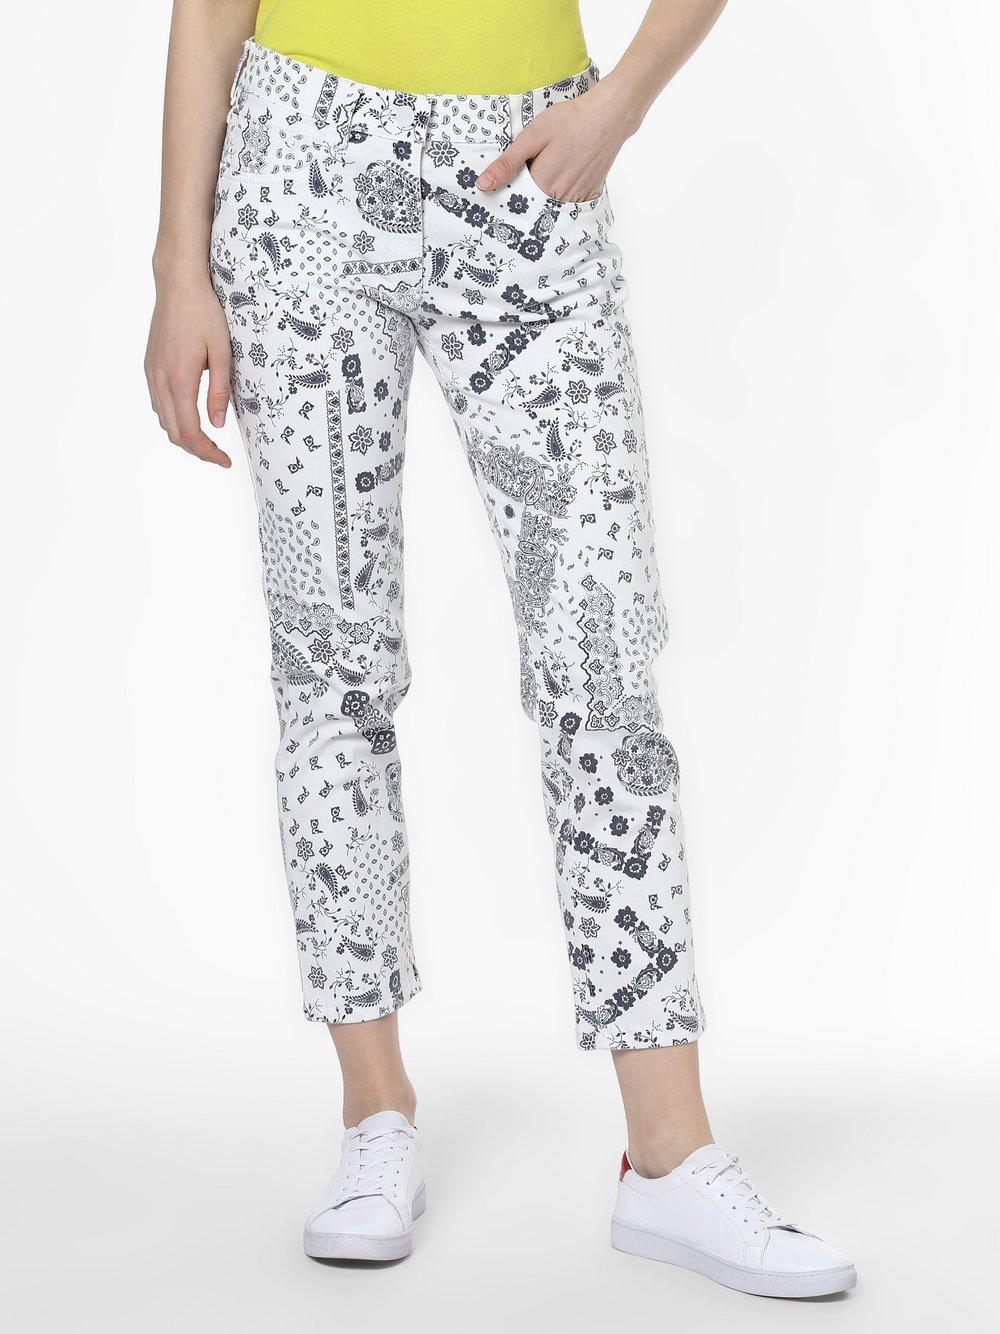 Zerres – Spodnie damskie, biały Van Graaf 466869-0001